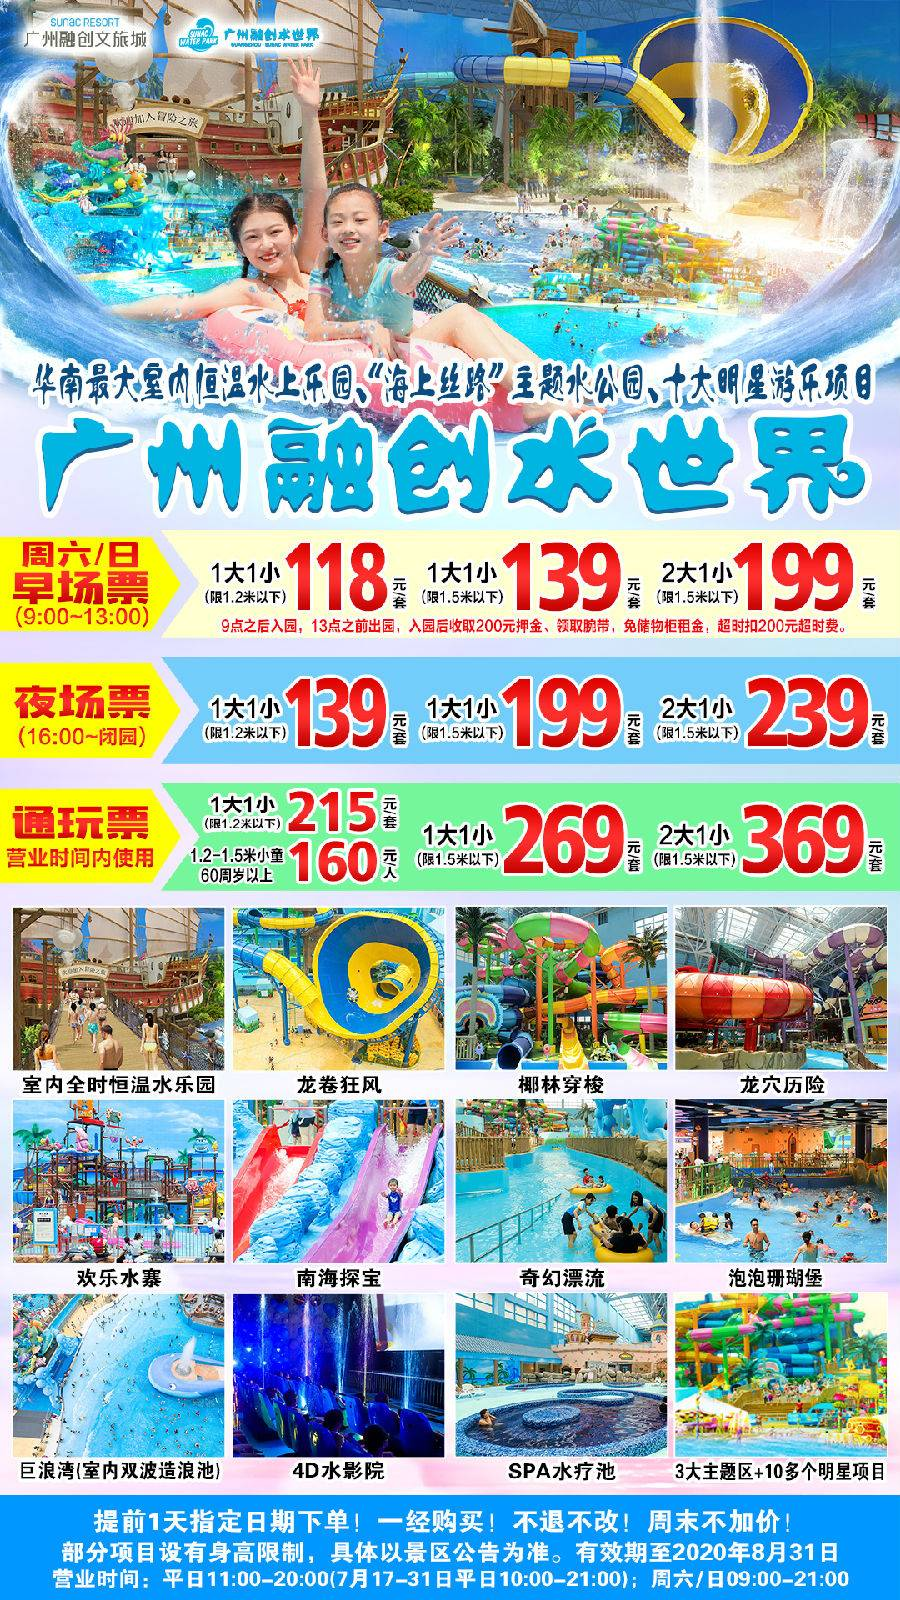 【日场夜场票】广州融创水世界2大1小(小童限1.5米以下)畅玩票369元(提前一天,指定日期预订,有效期至8月31日)